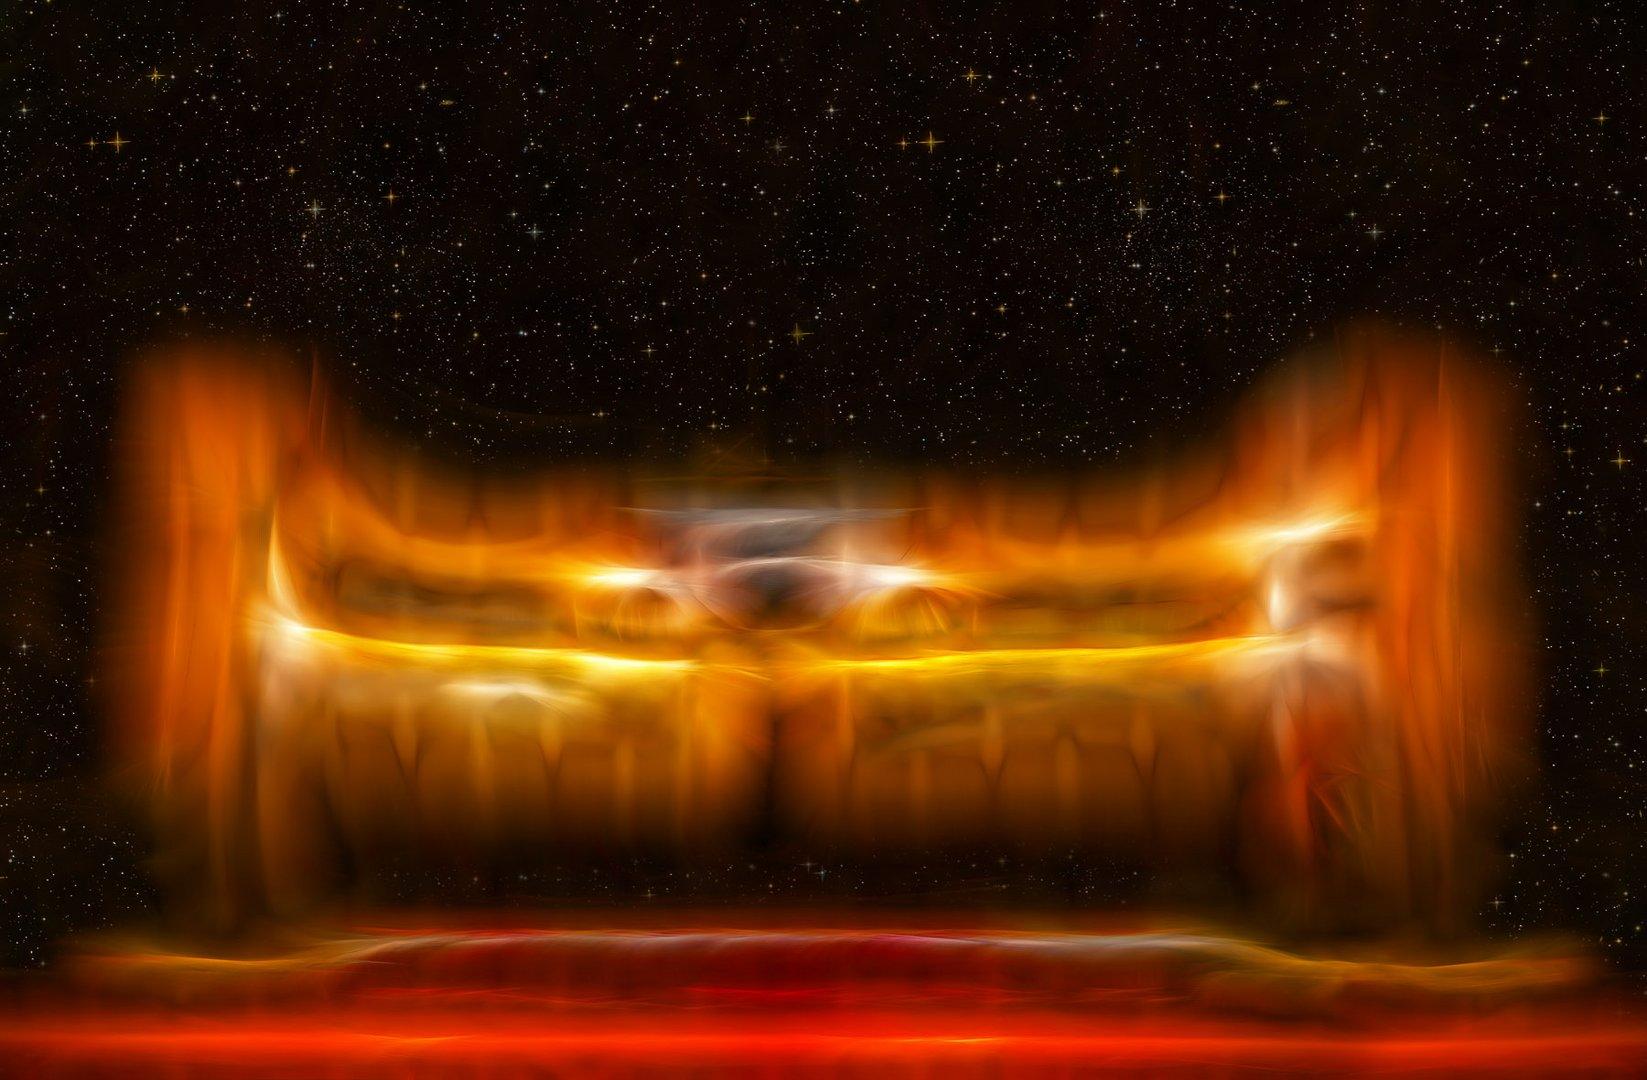 galaktische sitzgelegenheit ...